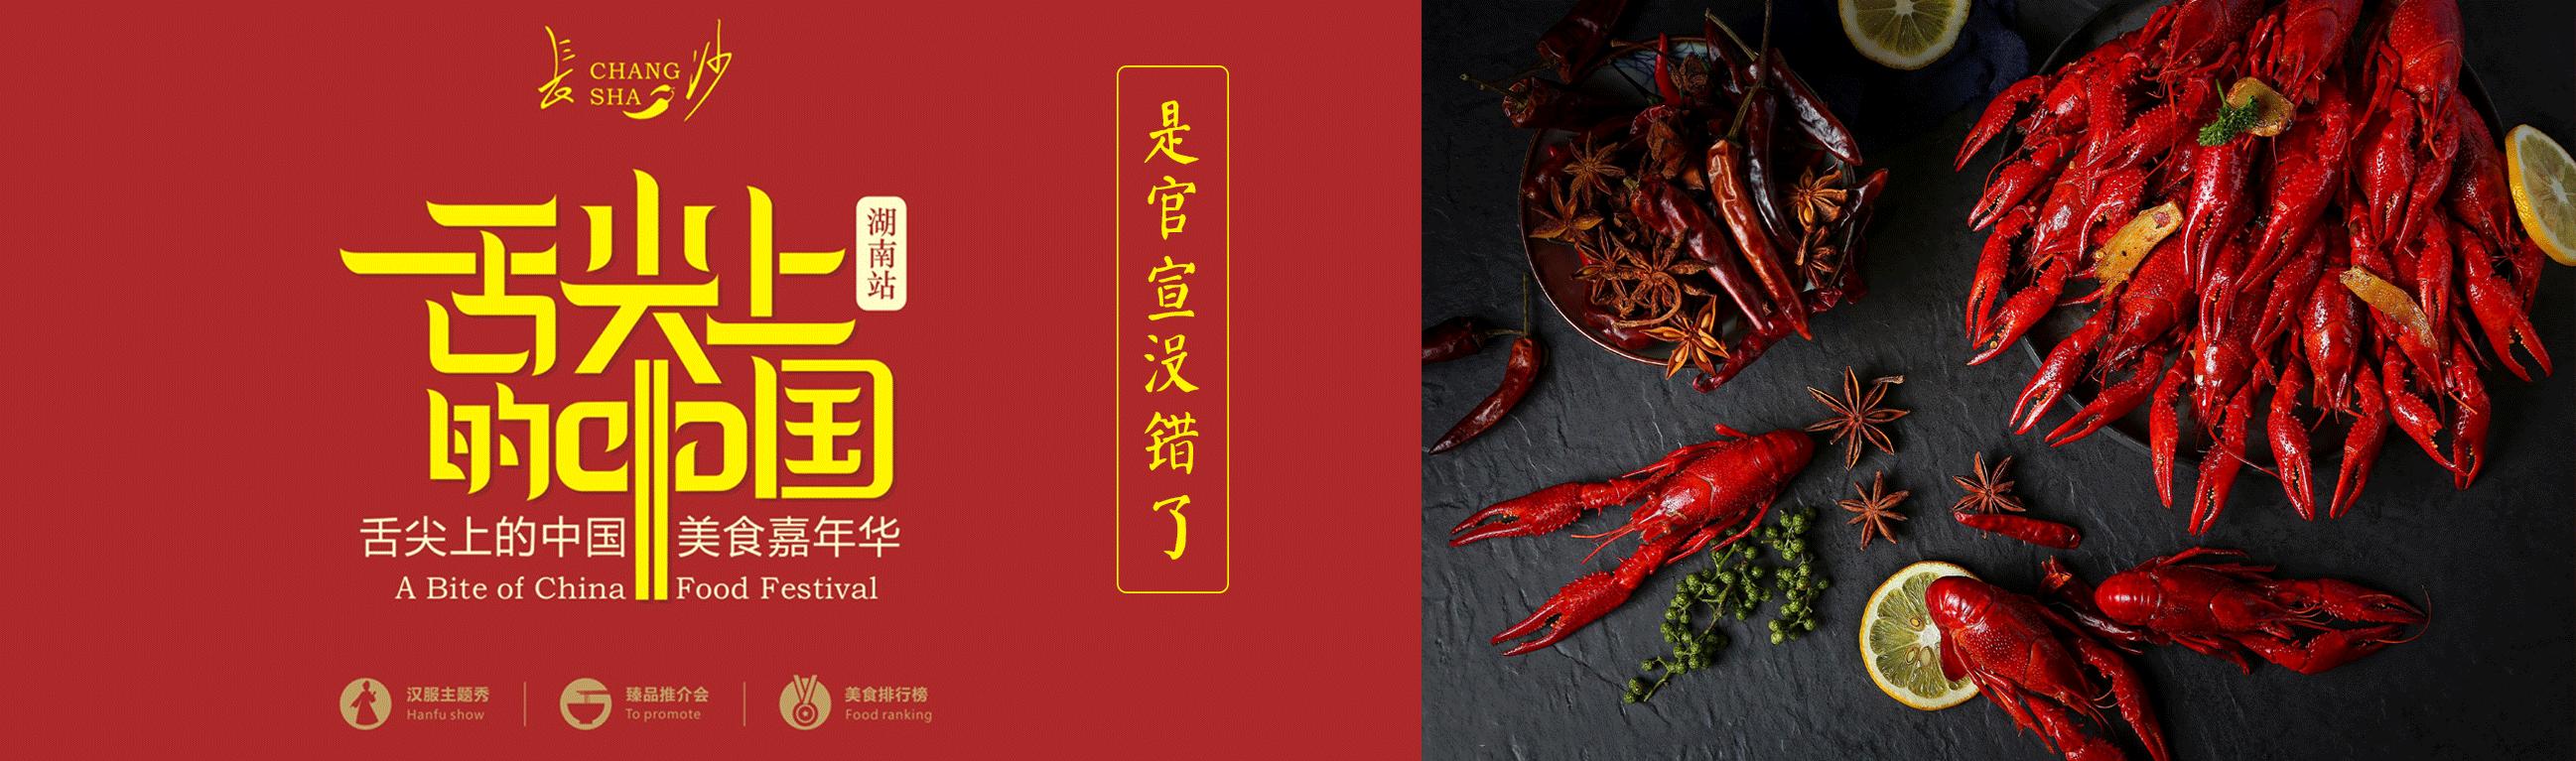 舌尖上的中国美食嘉年华湖南站官宣